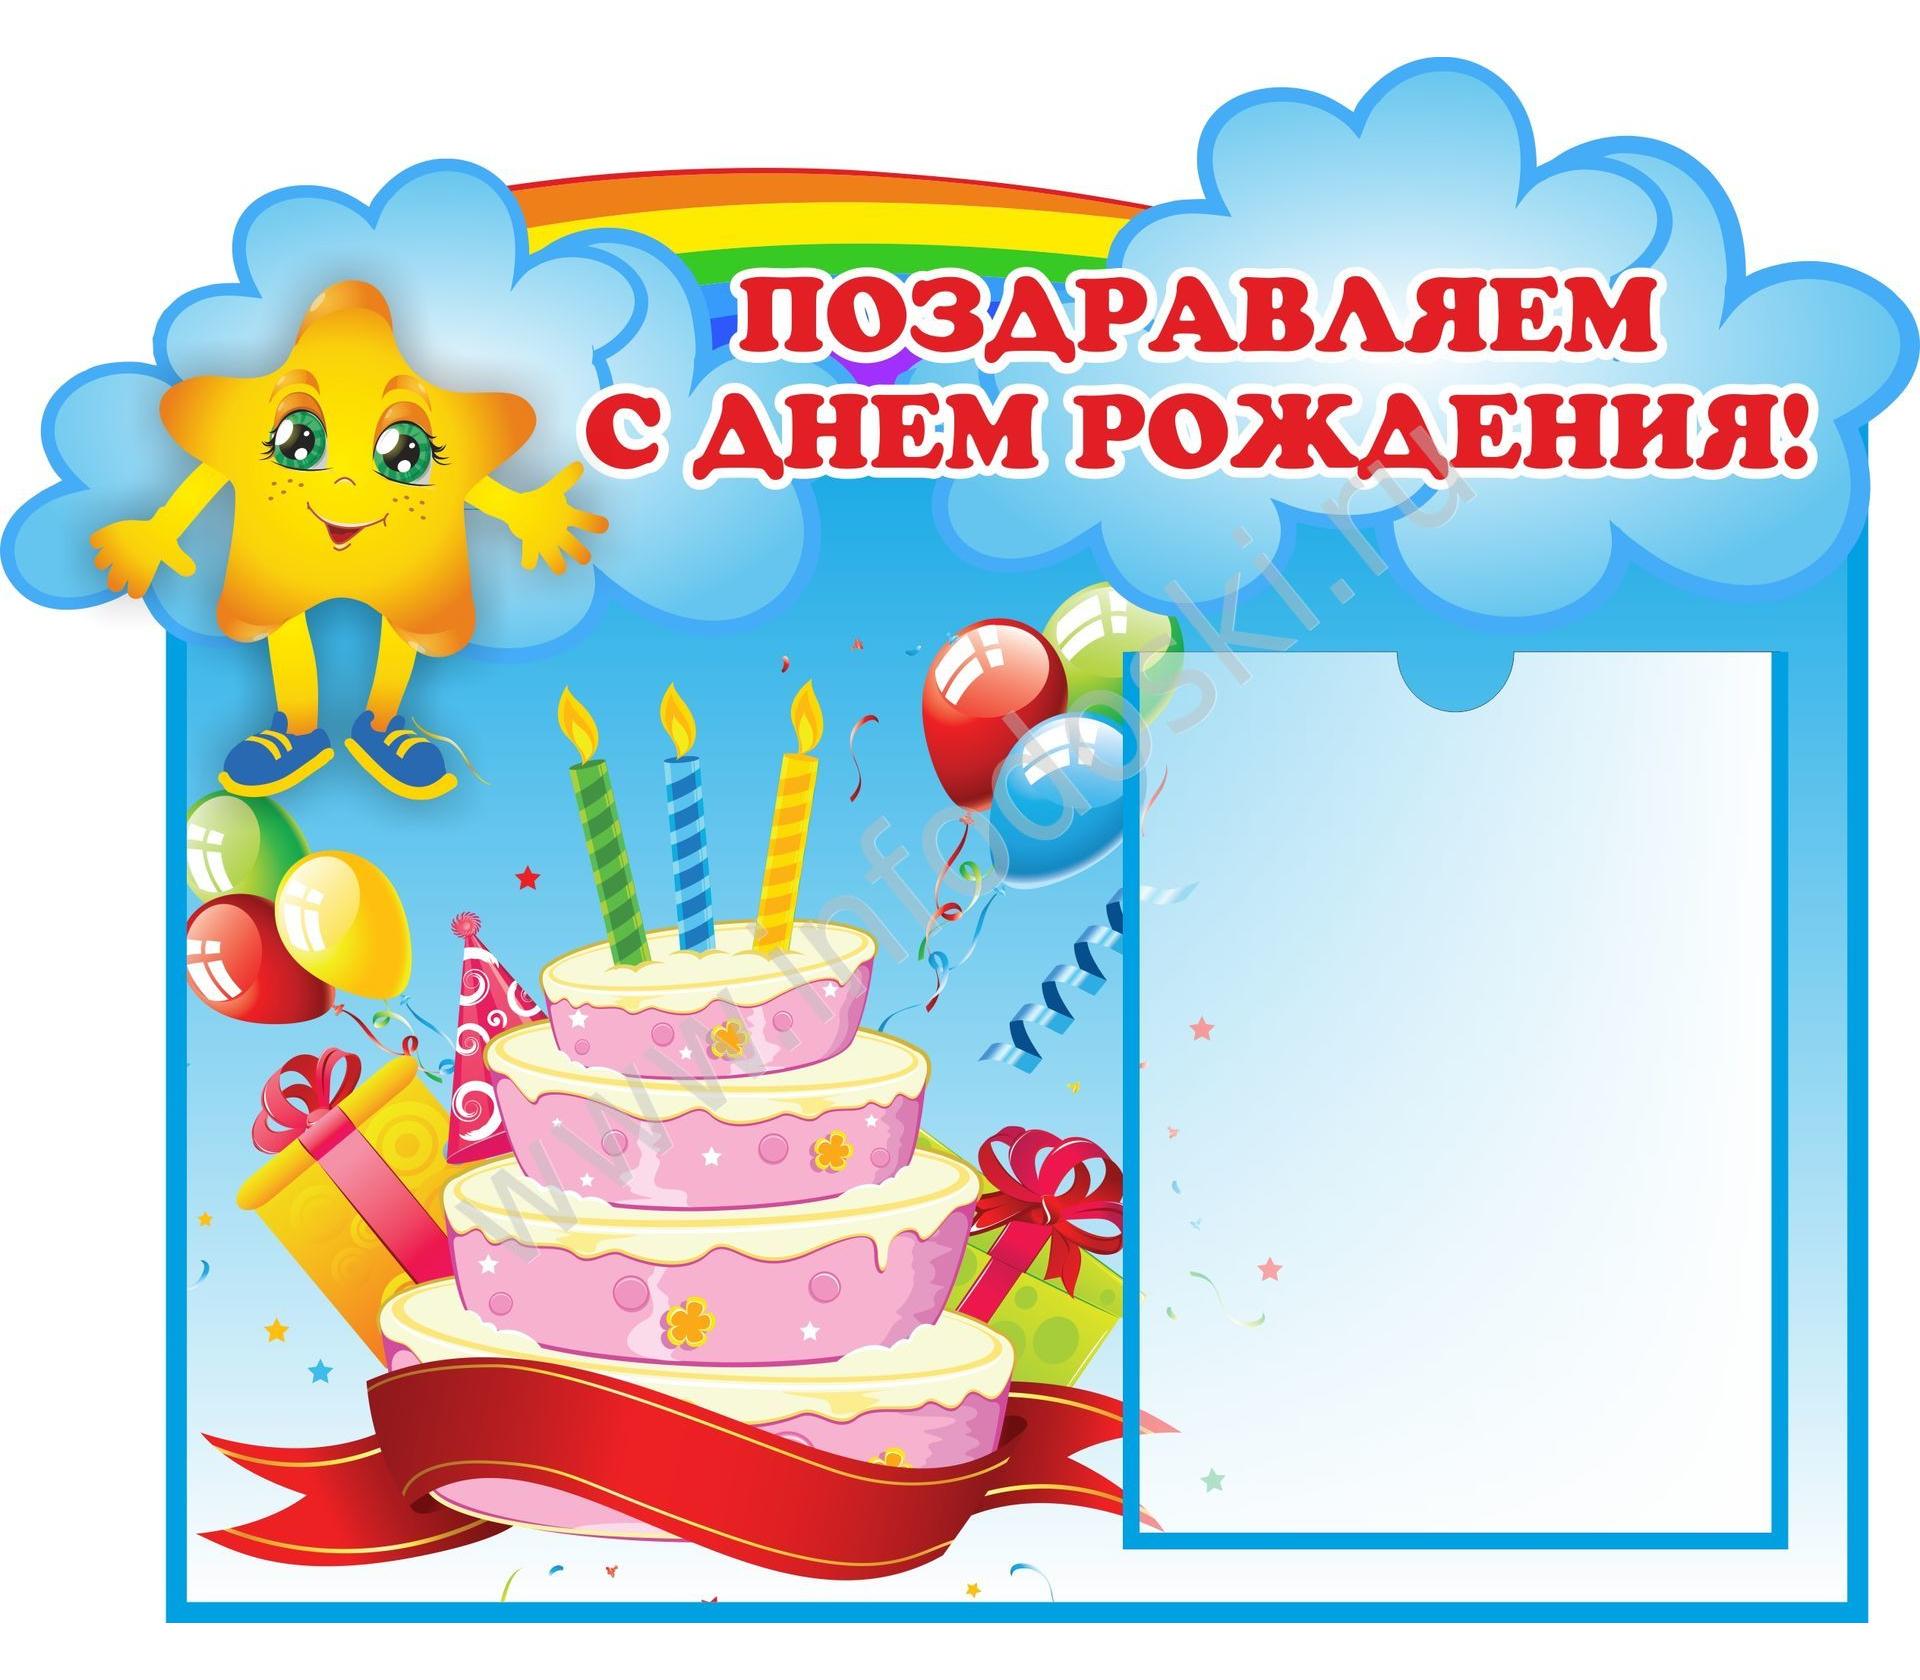 Поздравления с днем рождения в стиле детском саду